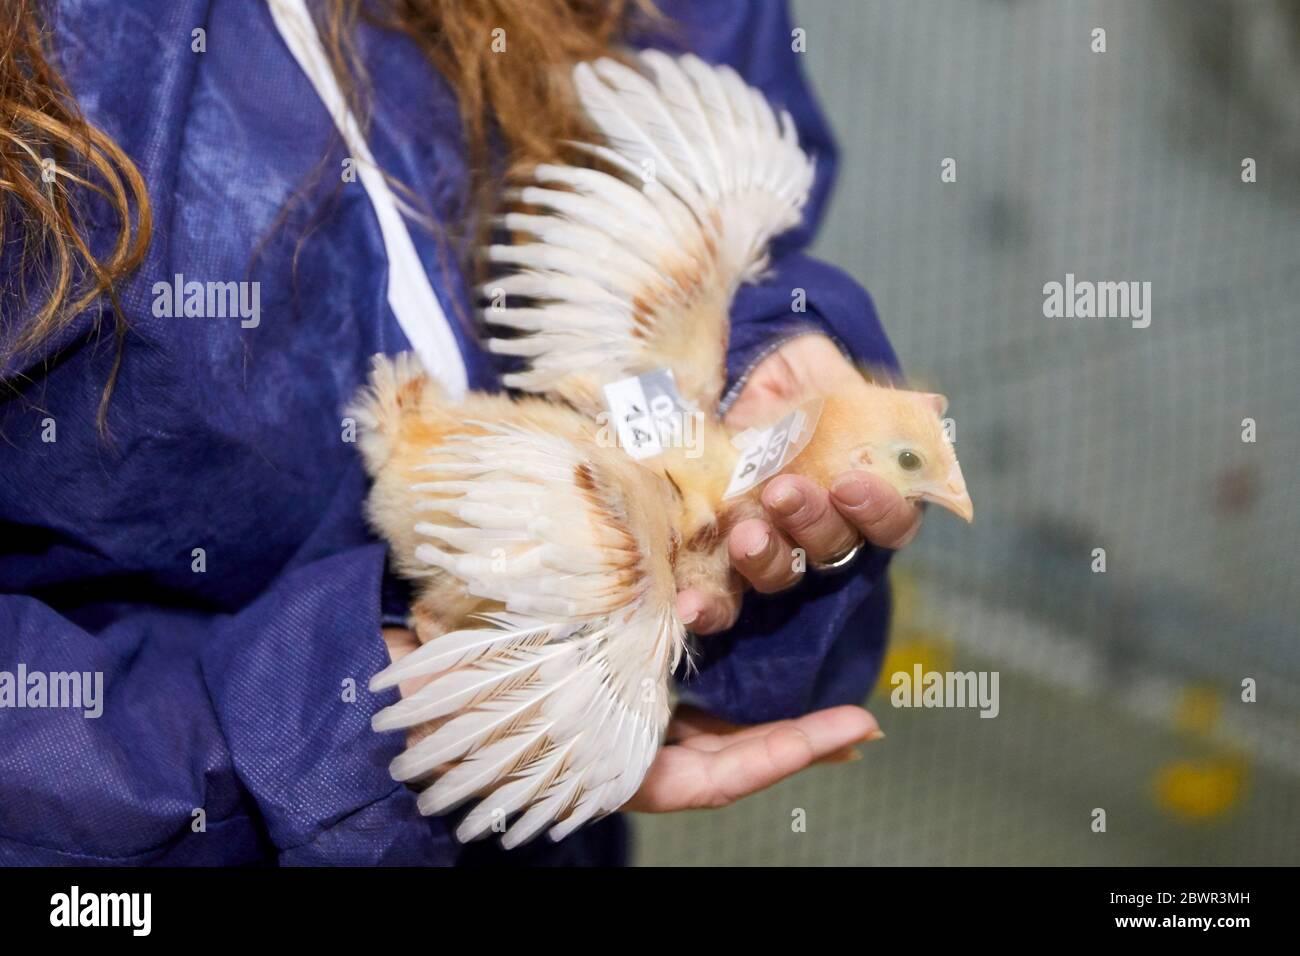 Investigación animal, aves, Chicken farming, Araba, país Vasco, España Foto de stock